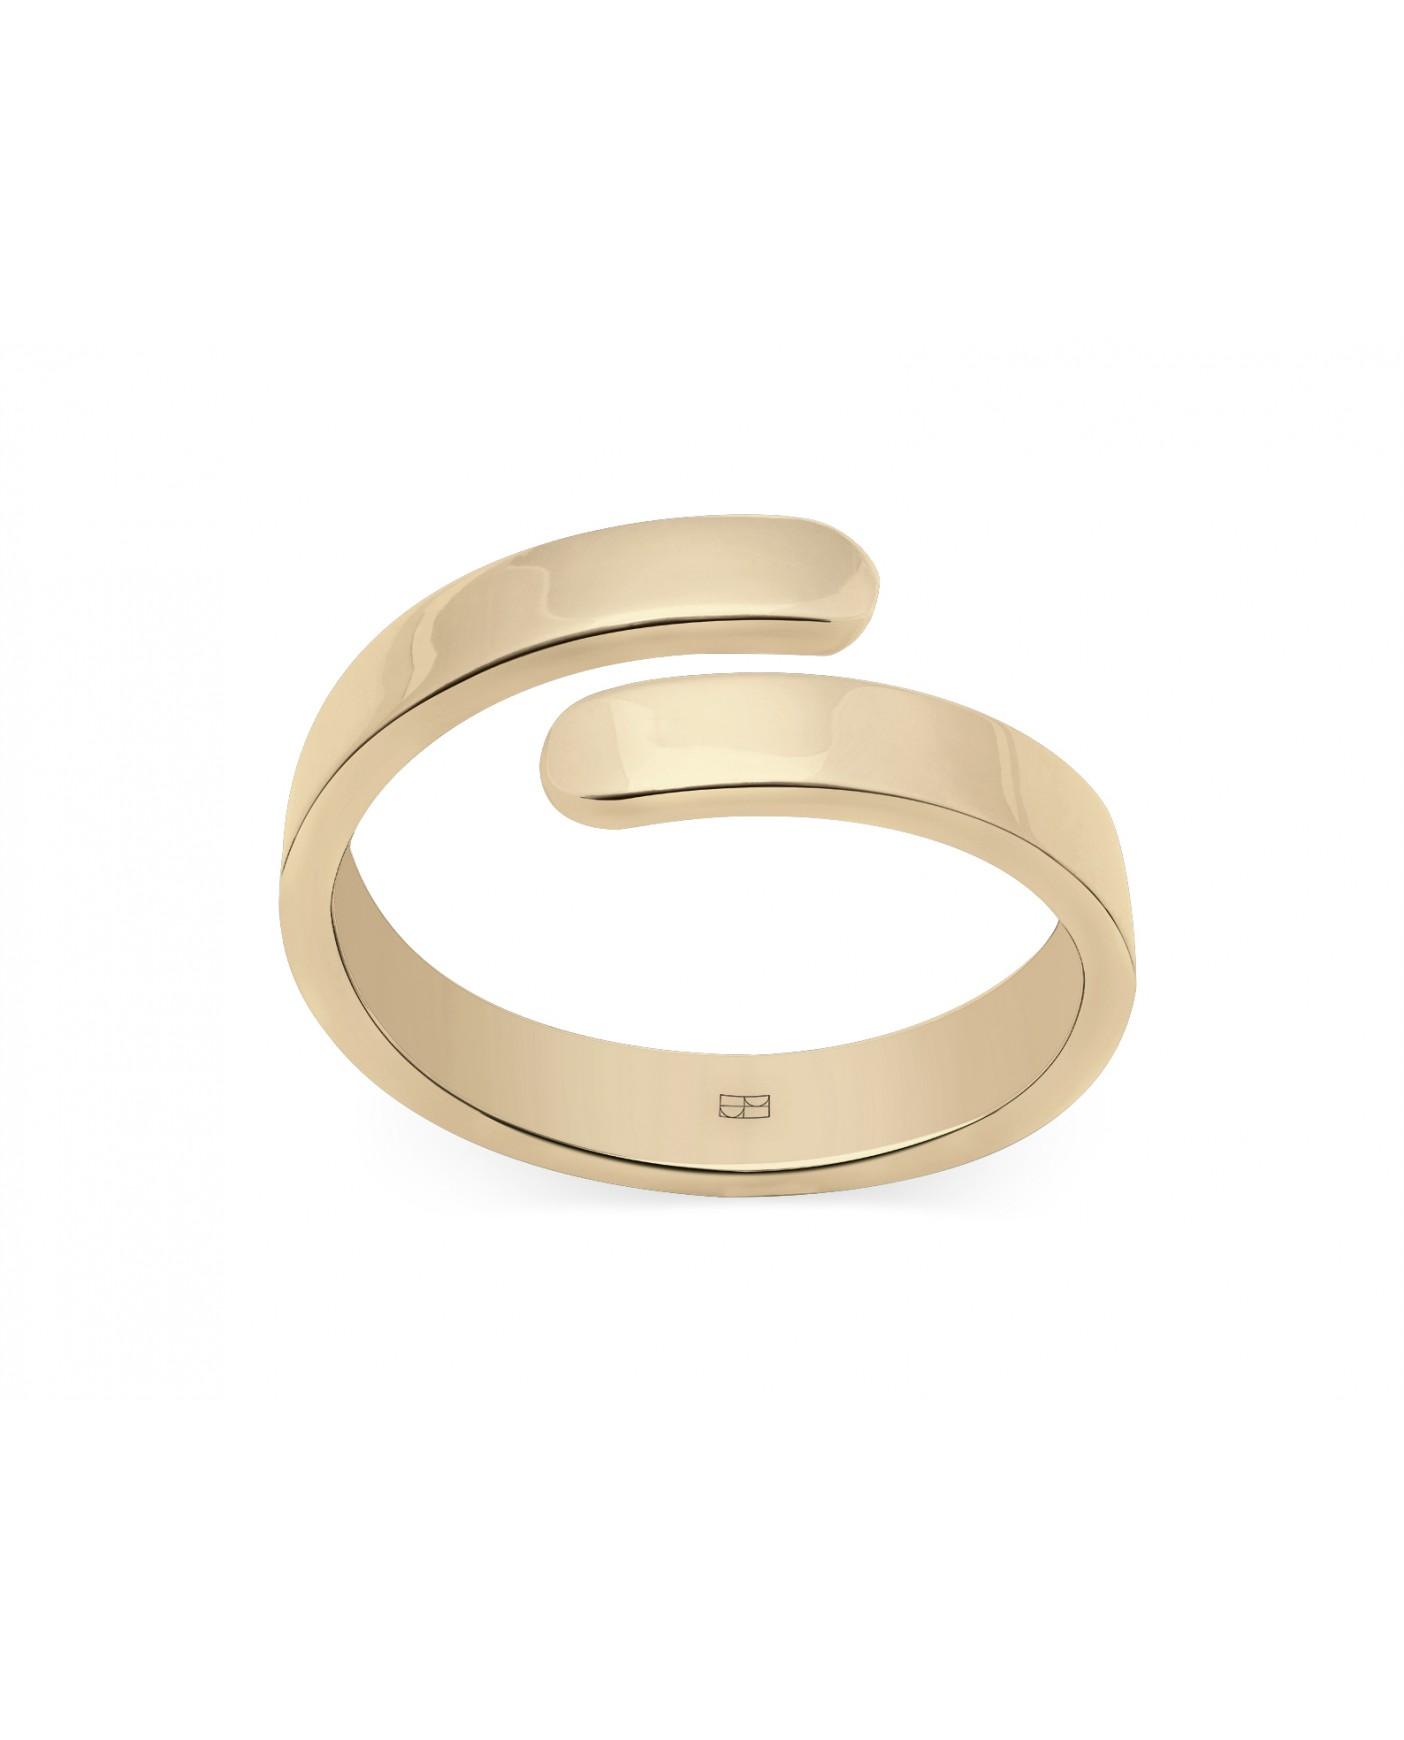 Angle Złoty Pierścionek N°32